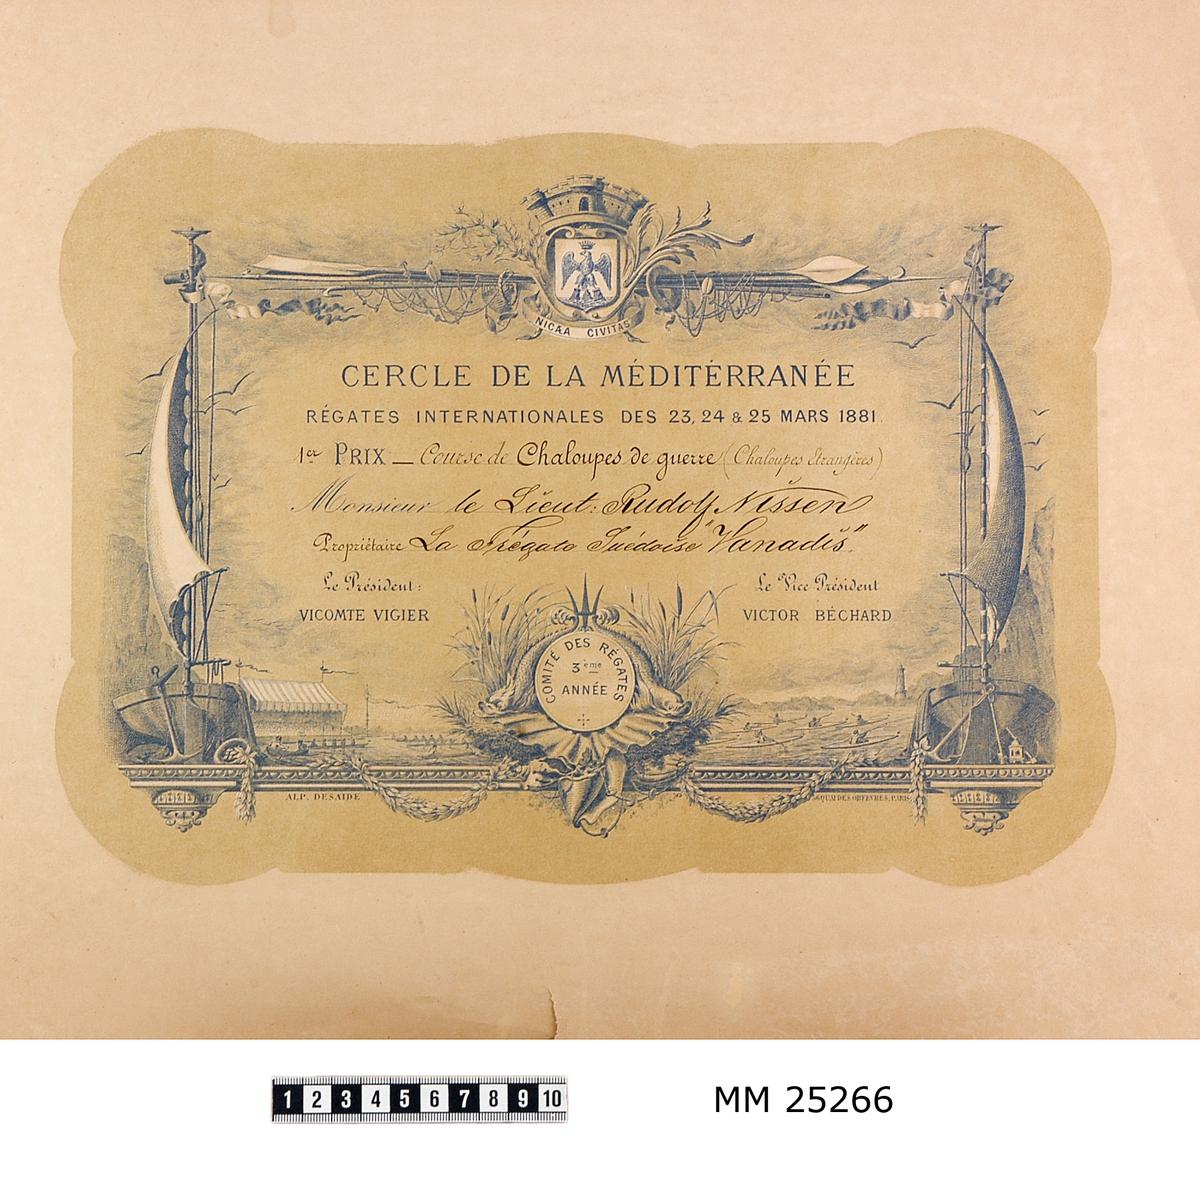 """Tryck på gulnat papper. Ram med motiv i ramen som visar segel, tackel, tåg och andra sjöfartsrelaterade saker. Överst staden Nices stadsvapen. I botten av ramen syns kapproddare och kanotister som paddlar ikapp. Text: """"CERCLE DE LA MÉDITÉRRANÉE RÉGATES INTERNATIONALES DES 23, 24 & 25 MARS 1881. 1er PRIX Course de Chaloupes de guerre (Chaloupes Etrangéres) Monsieur le Lieut: Rudolf Nilsson Propriétaire La Frégate Suédoise 'Vanadis'""""."""